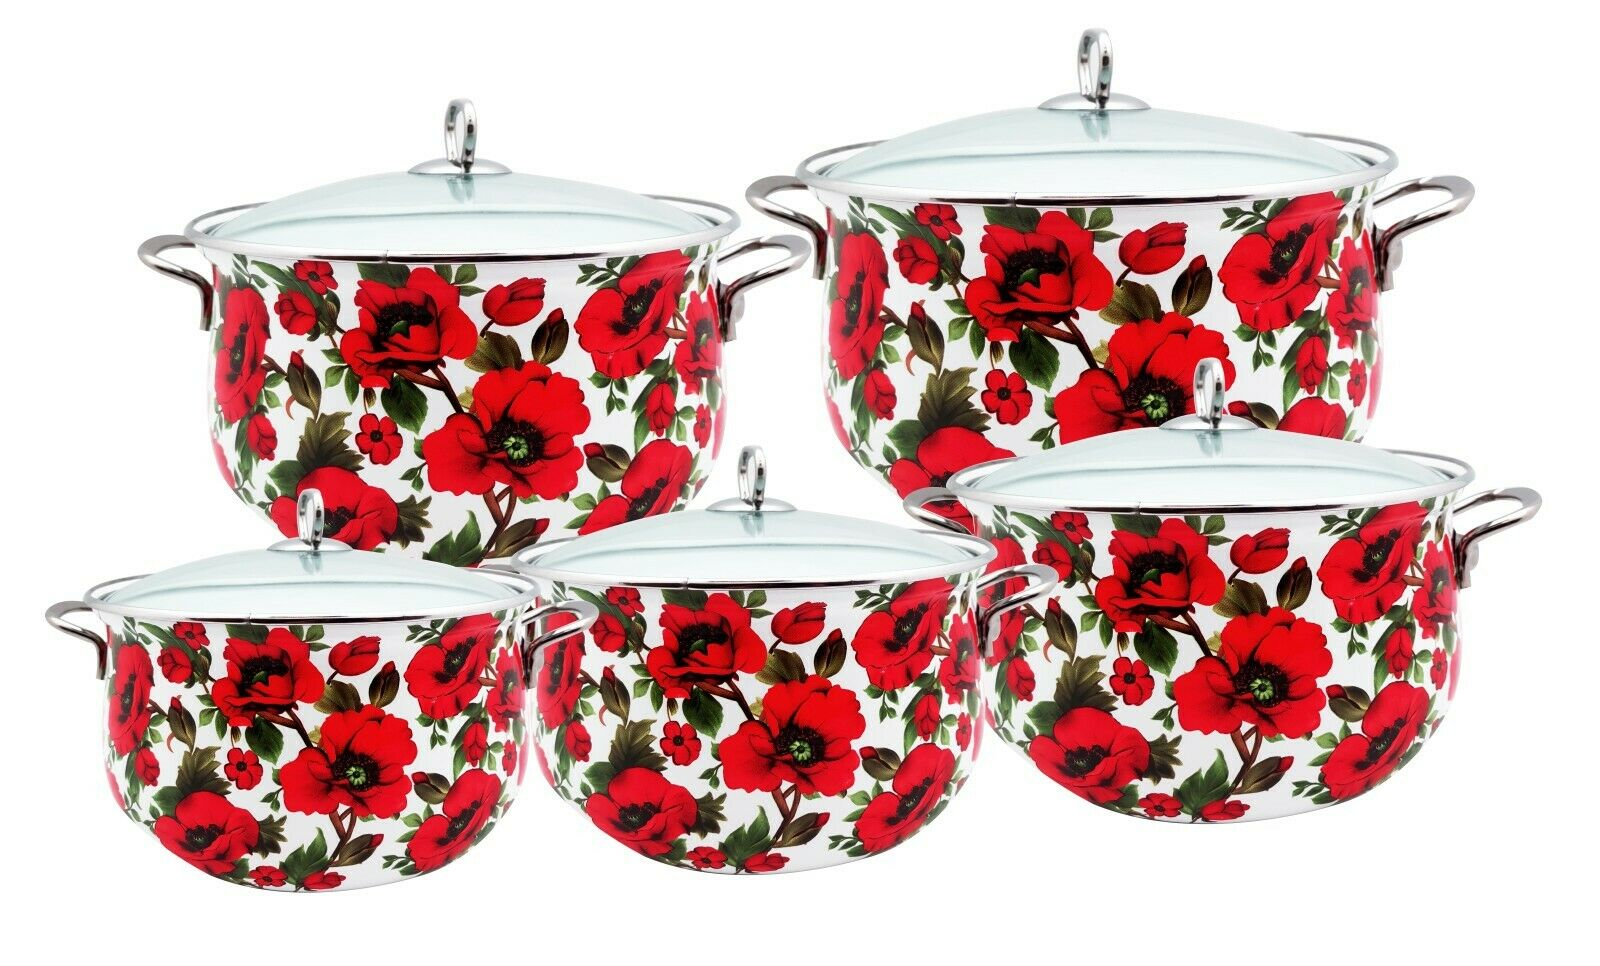 5020 10Pcs PREMIUM Esmalte Juego De Ollas Con Tapa De Cristal, rojo Floral